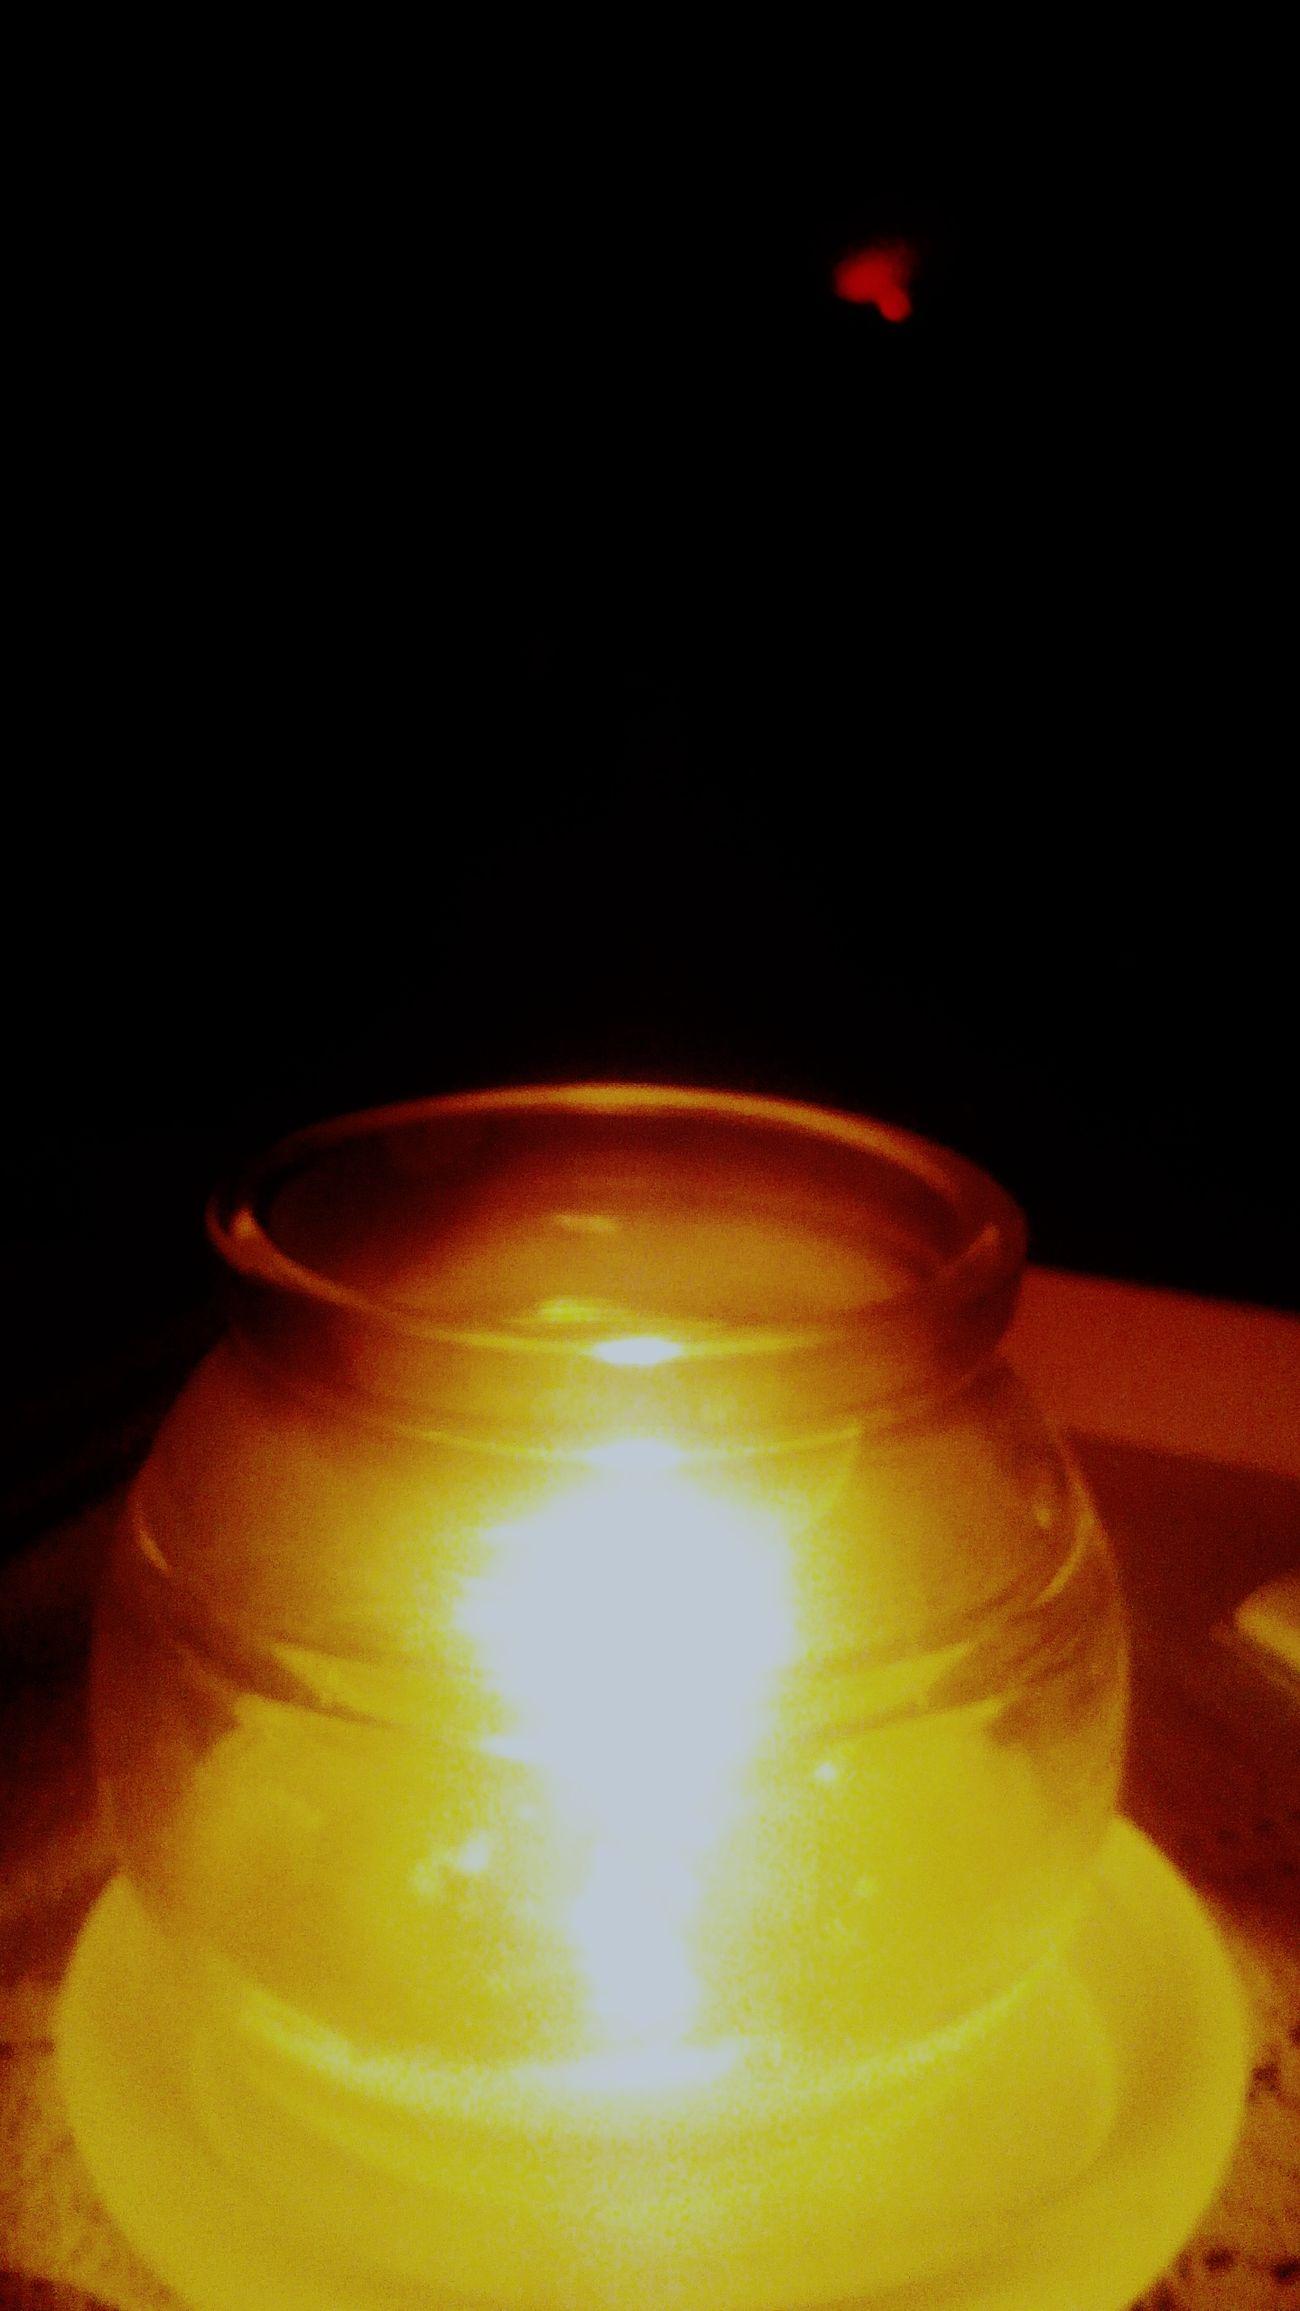 Light And Shadow Light Night Night Lights Oto świeczka, zapalana zawsze wieczorkiem do nastroju myślenia